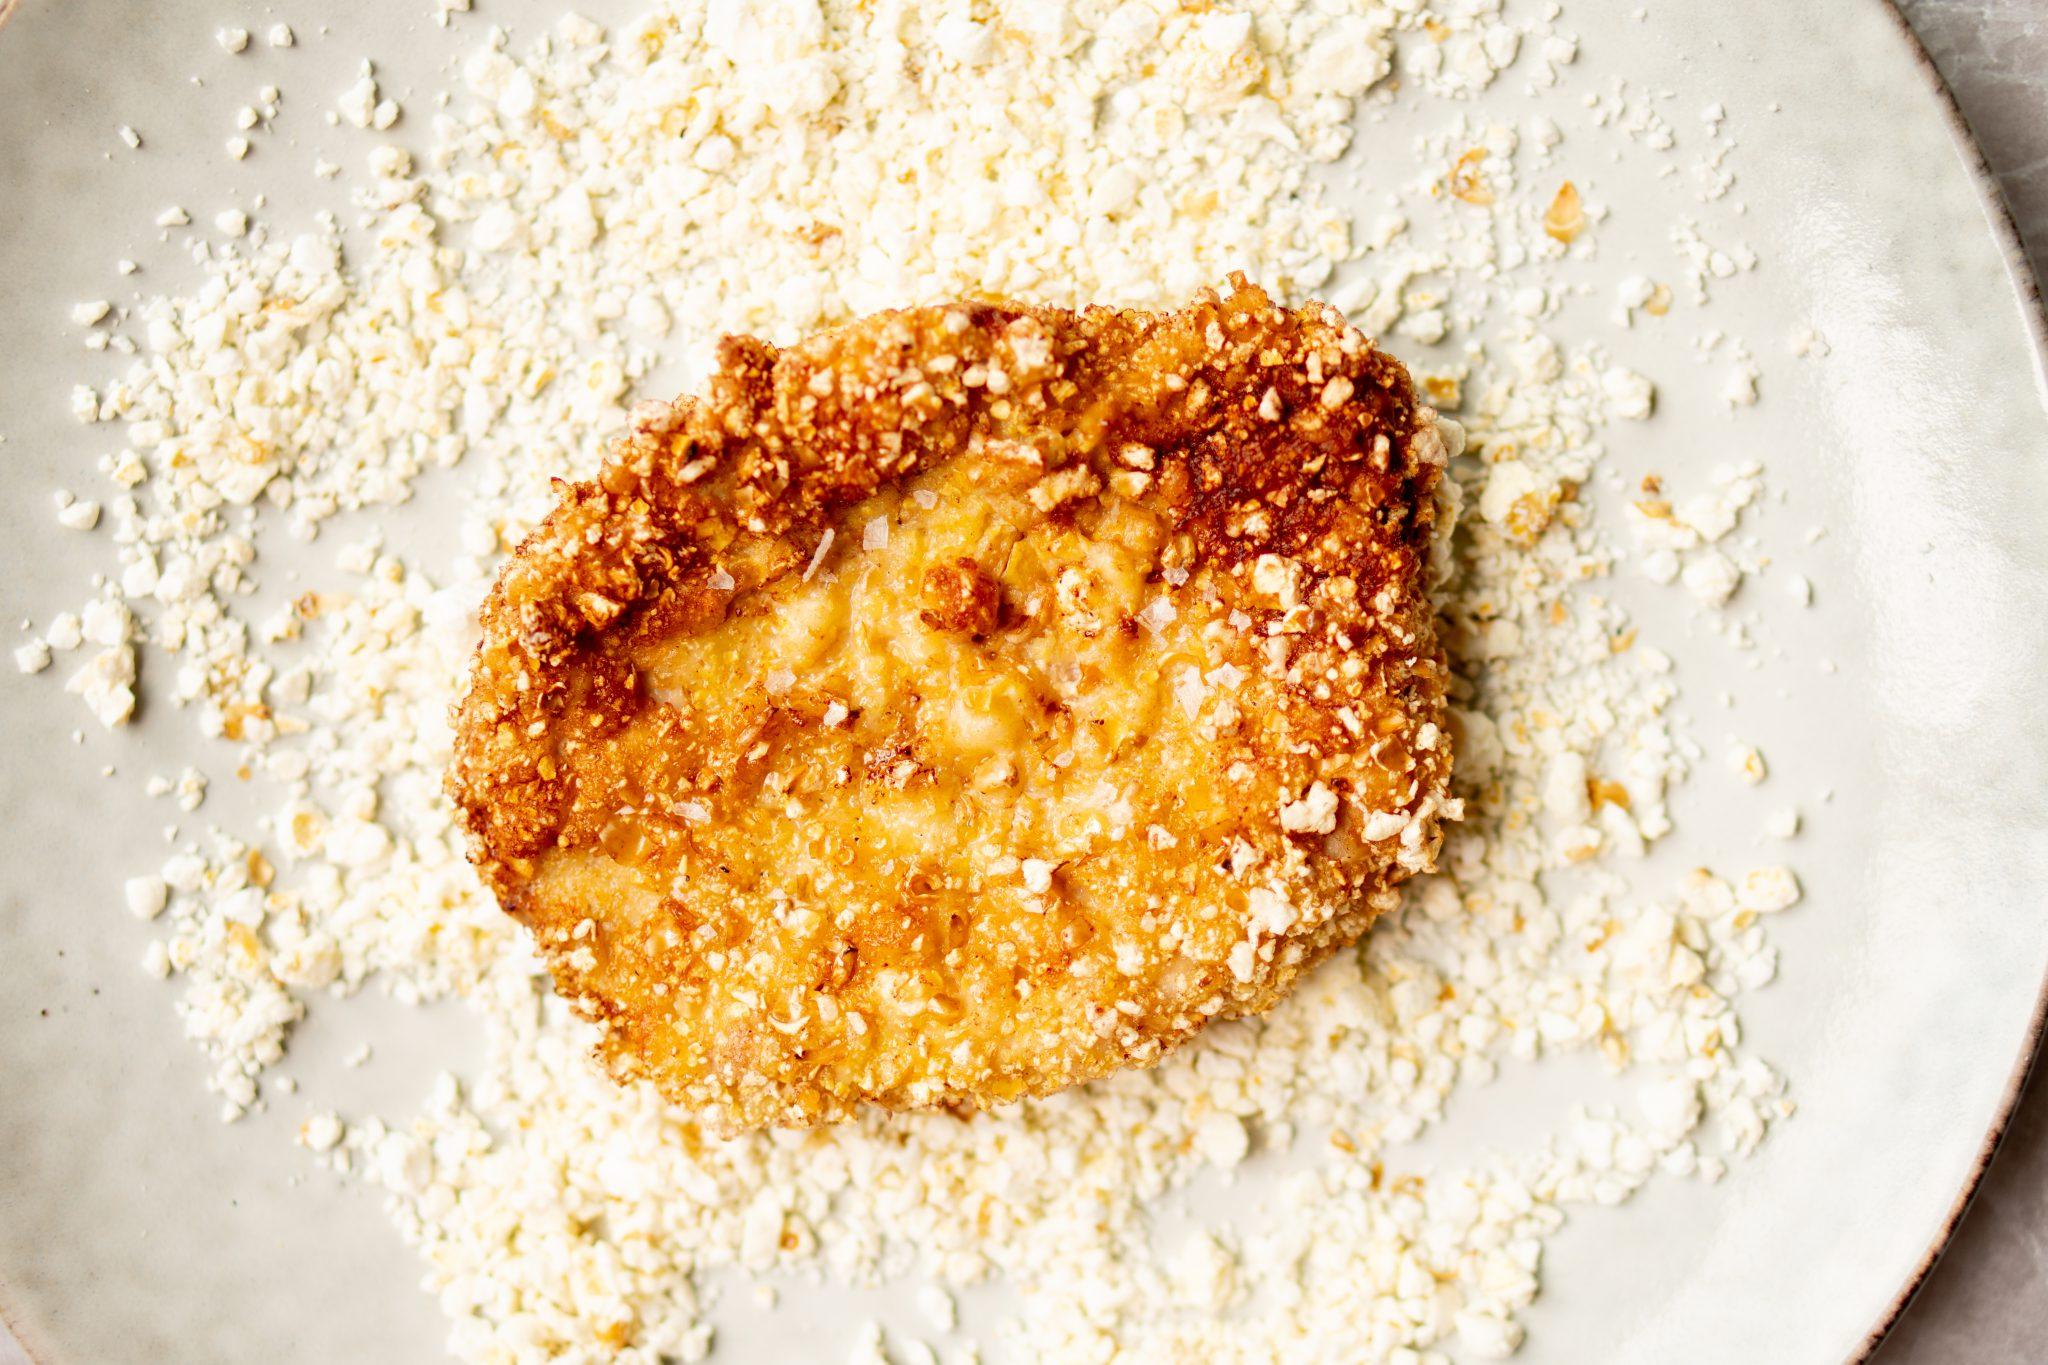 Op deze foto zie je popcornschnitzels met polenta en maissalsa